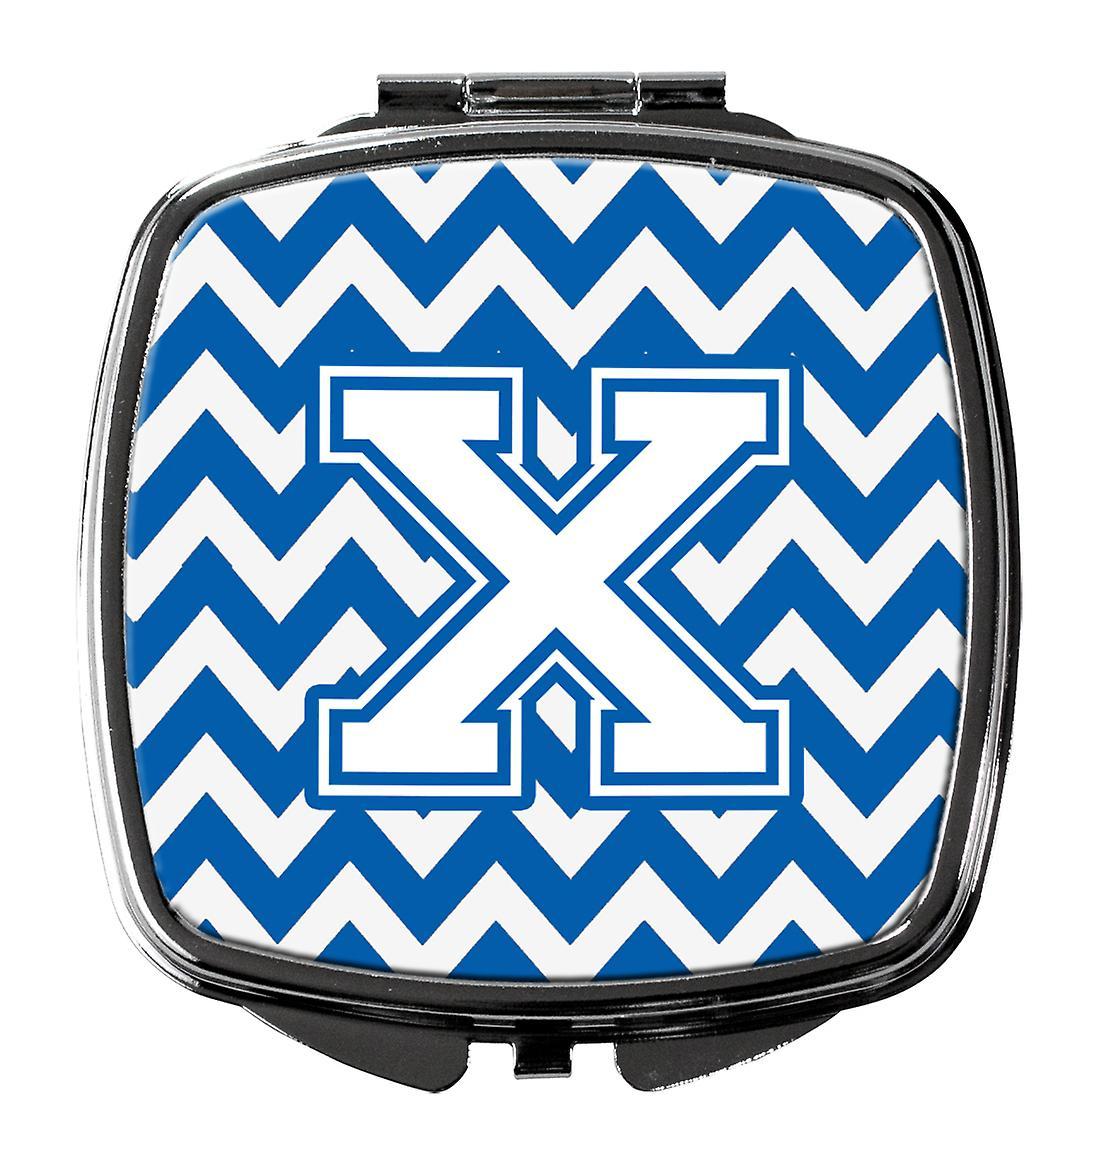 Carolines schatten CJ1045-XSCM Letter X Chevron blauw en wit Compact spiegel